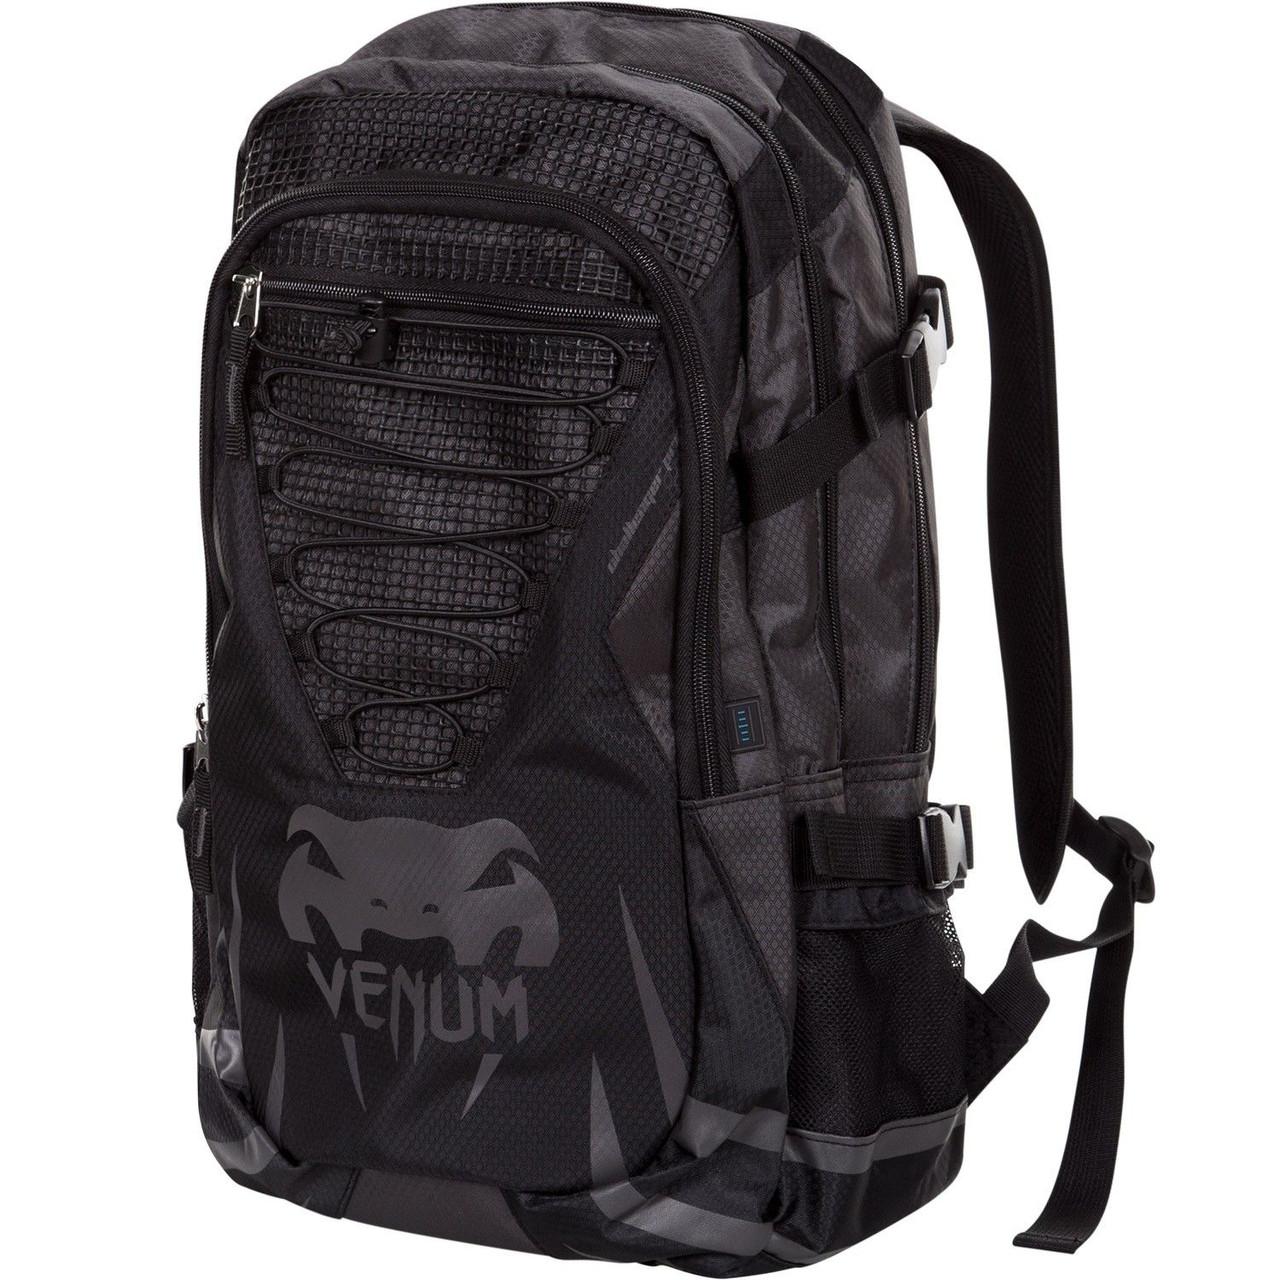 Рюкзак для тренировок Venum Challenger Pro black